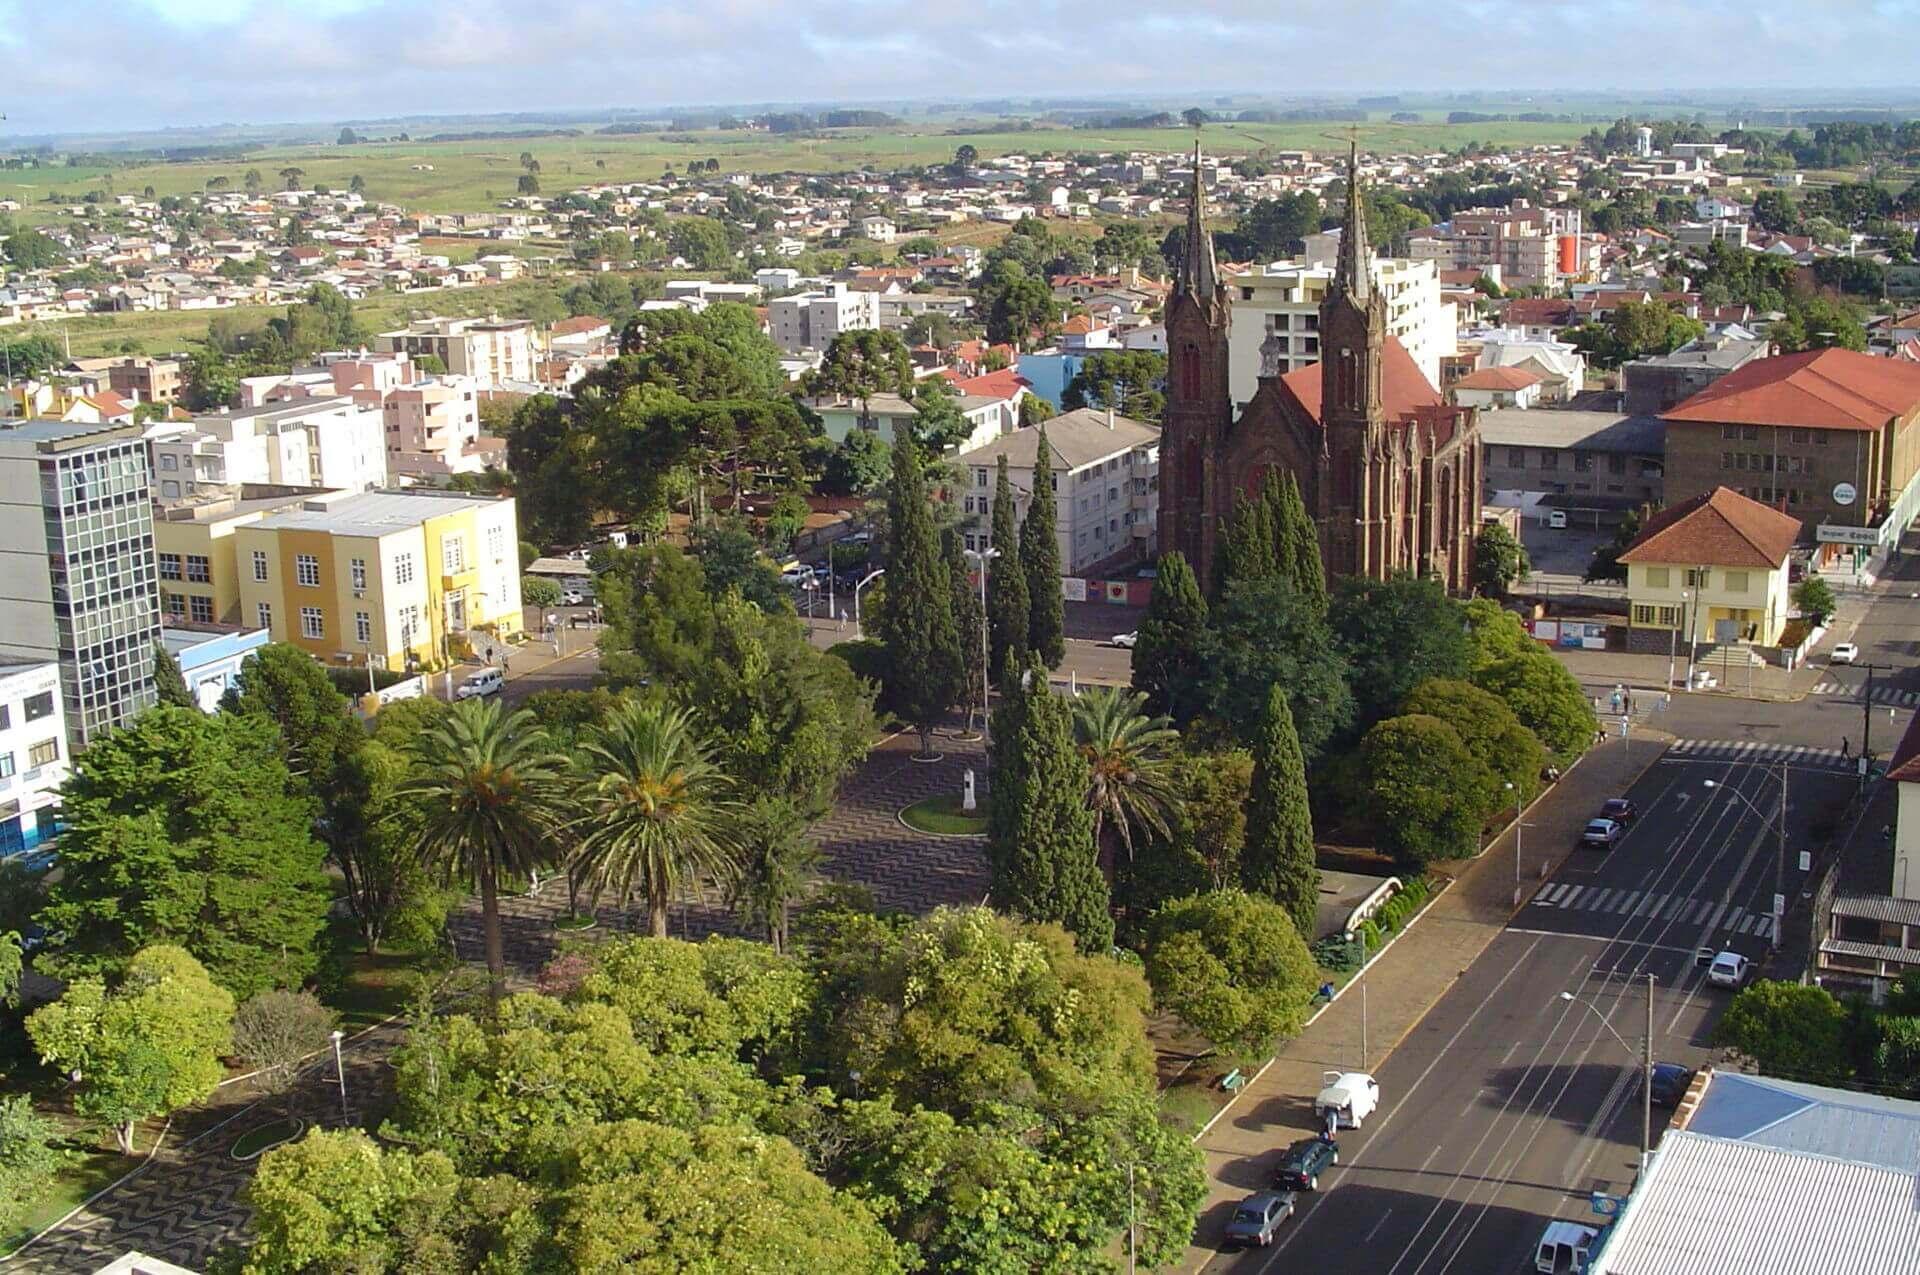 Conheça Vacaria - cidade do Rio Grande do Sul